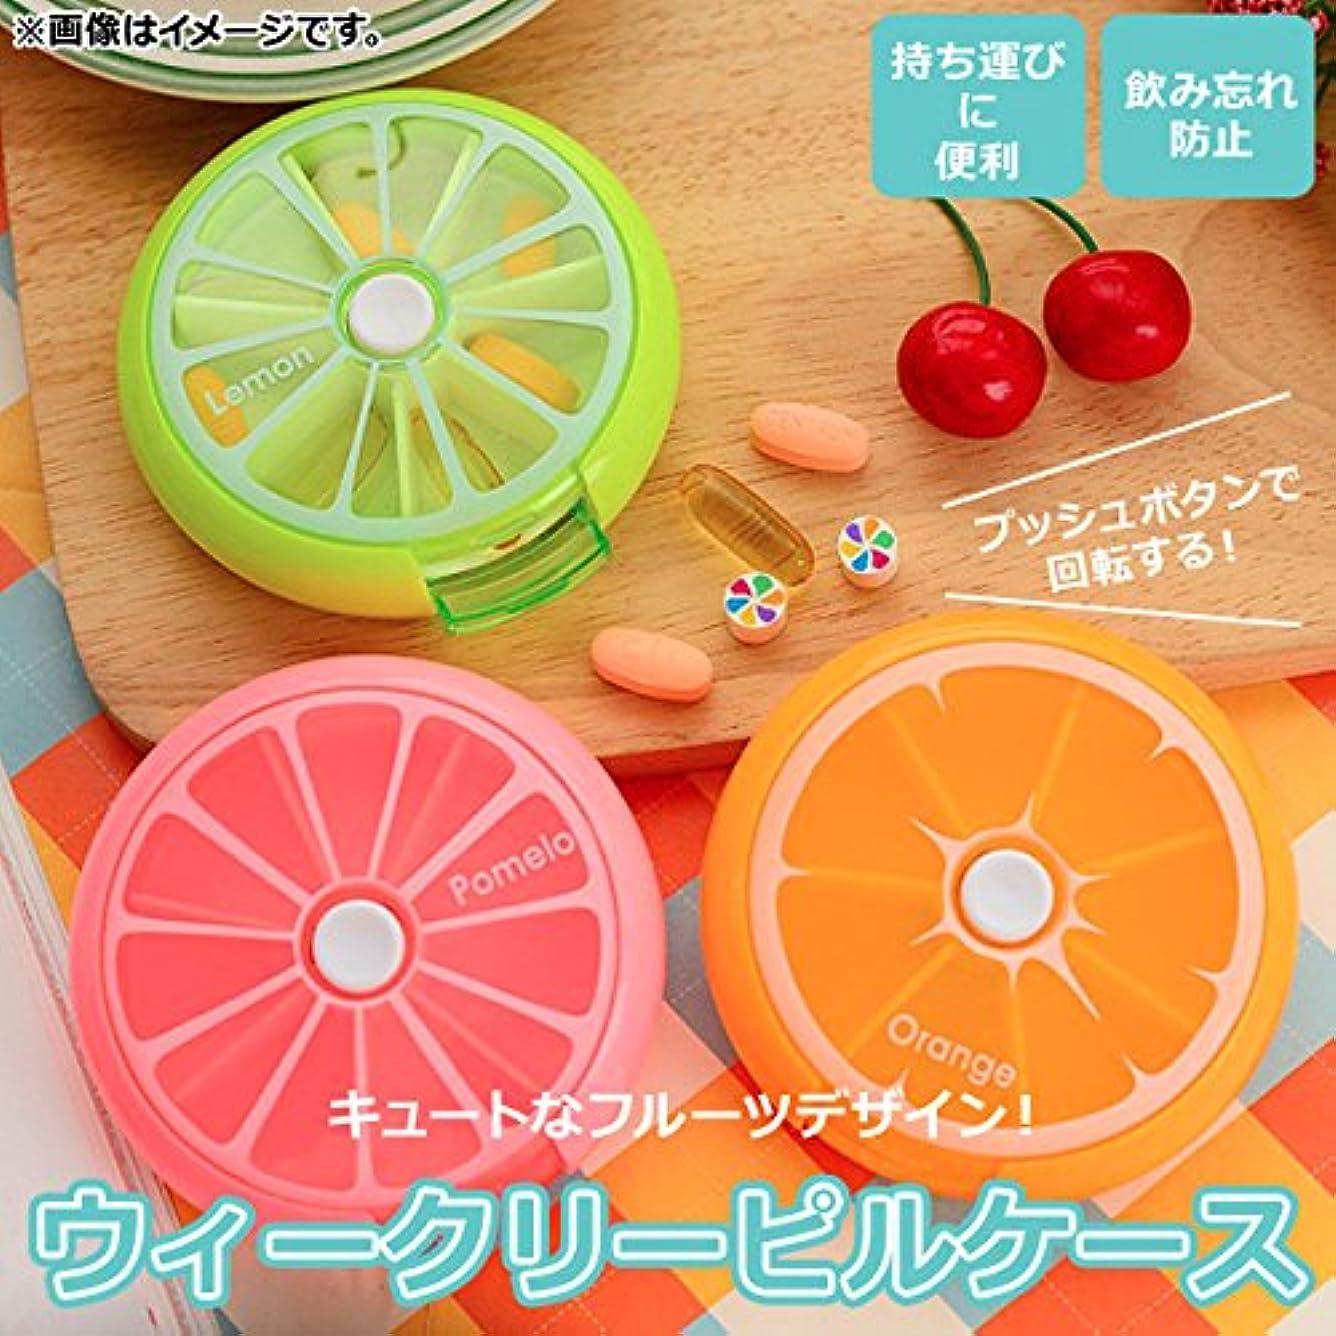 小切手慢トロリーAP ウィークリーピルケース ポップでかわいいフルーツデザイン! プッシュボタン/回転式 飲み忘れ防止に? オレンジ AP-TH864-OR